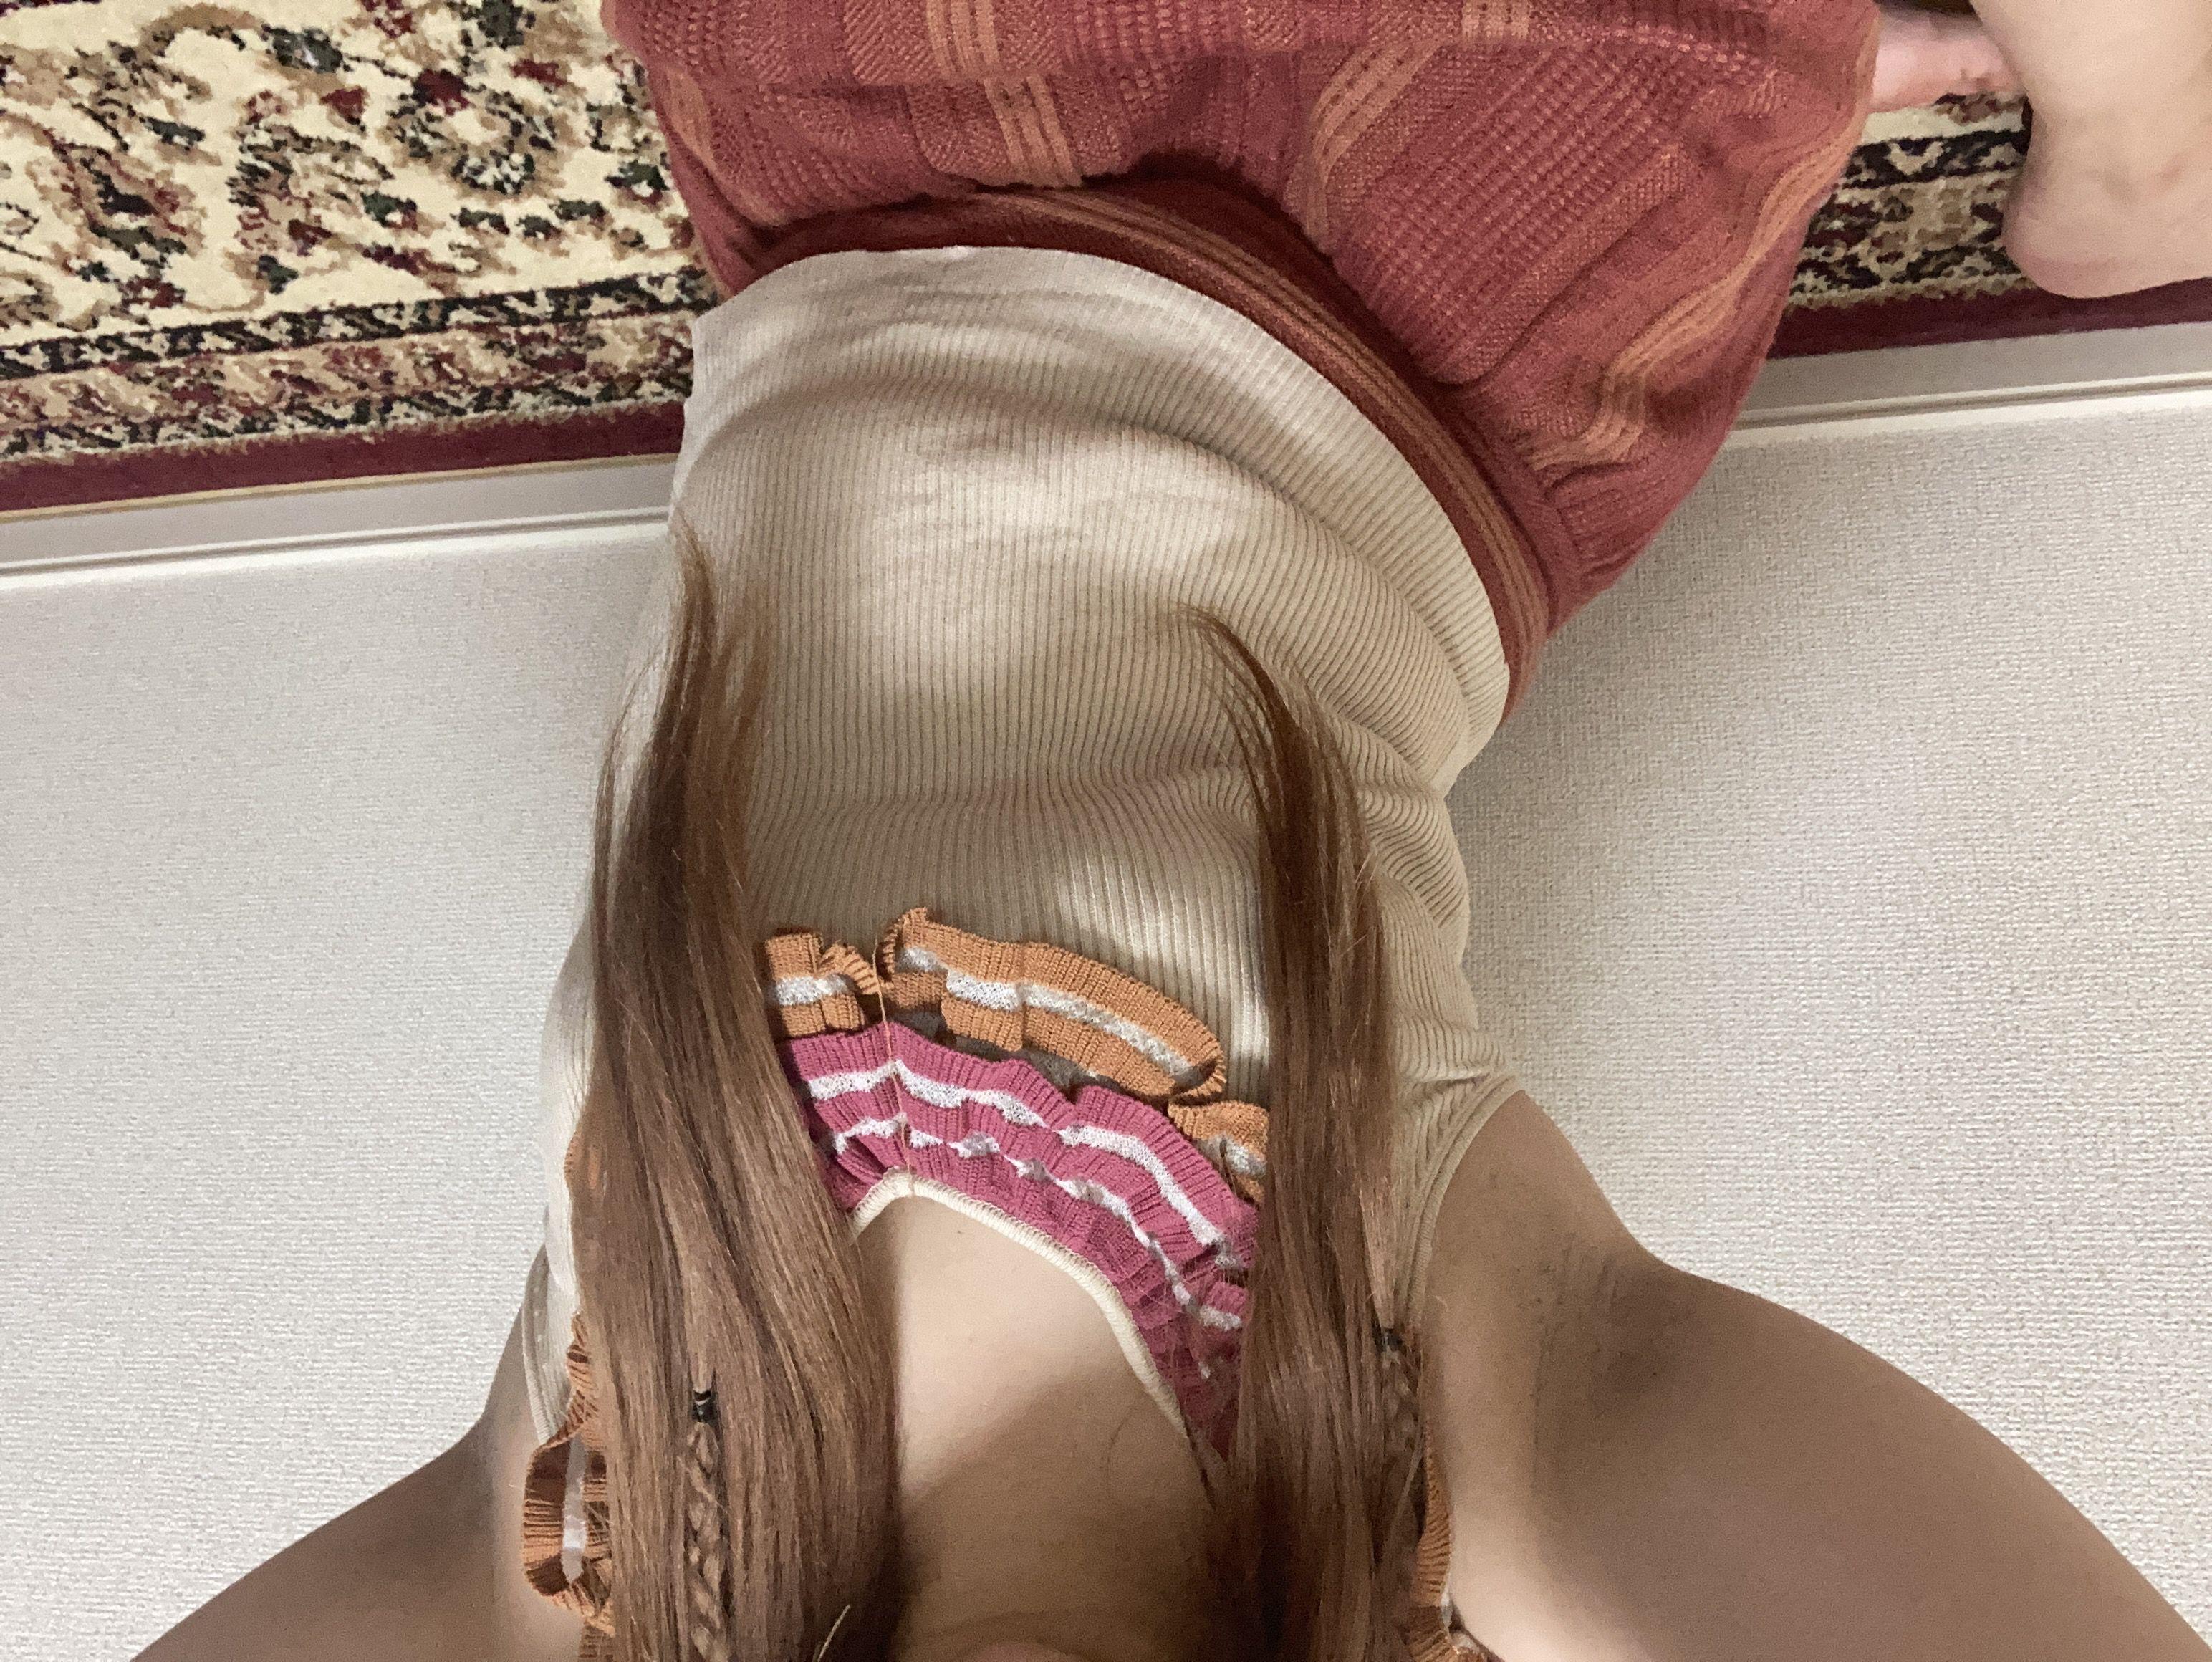 普通の女の子の脇毛抜き-スマホ自撮り◎高橋みずき(29歳)保育士 サンプル画像02